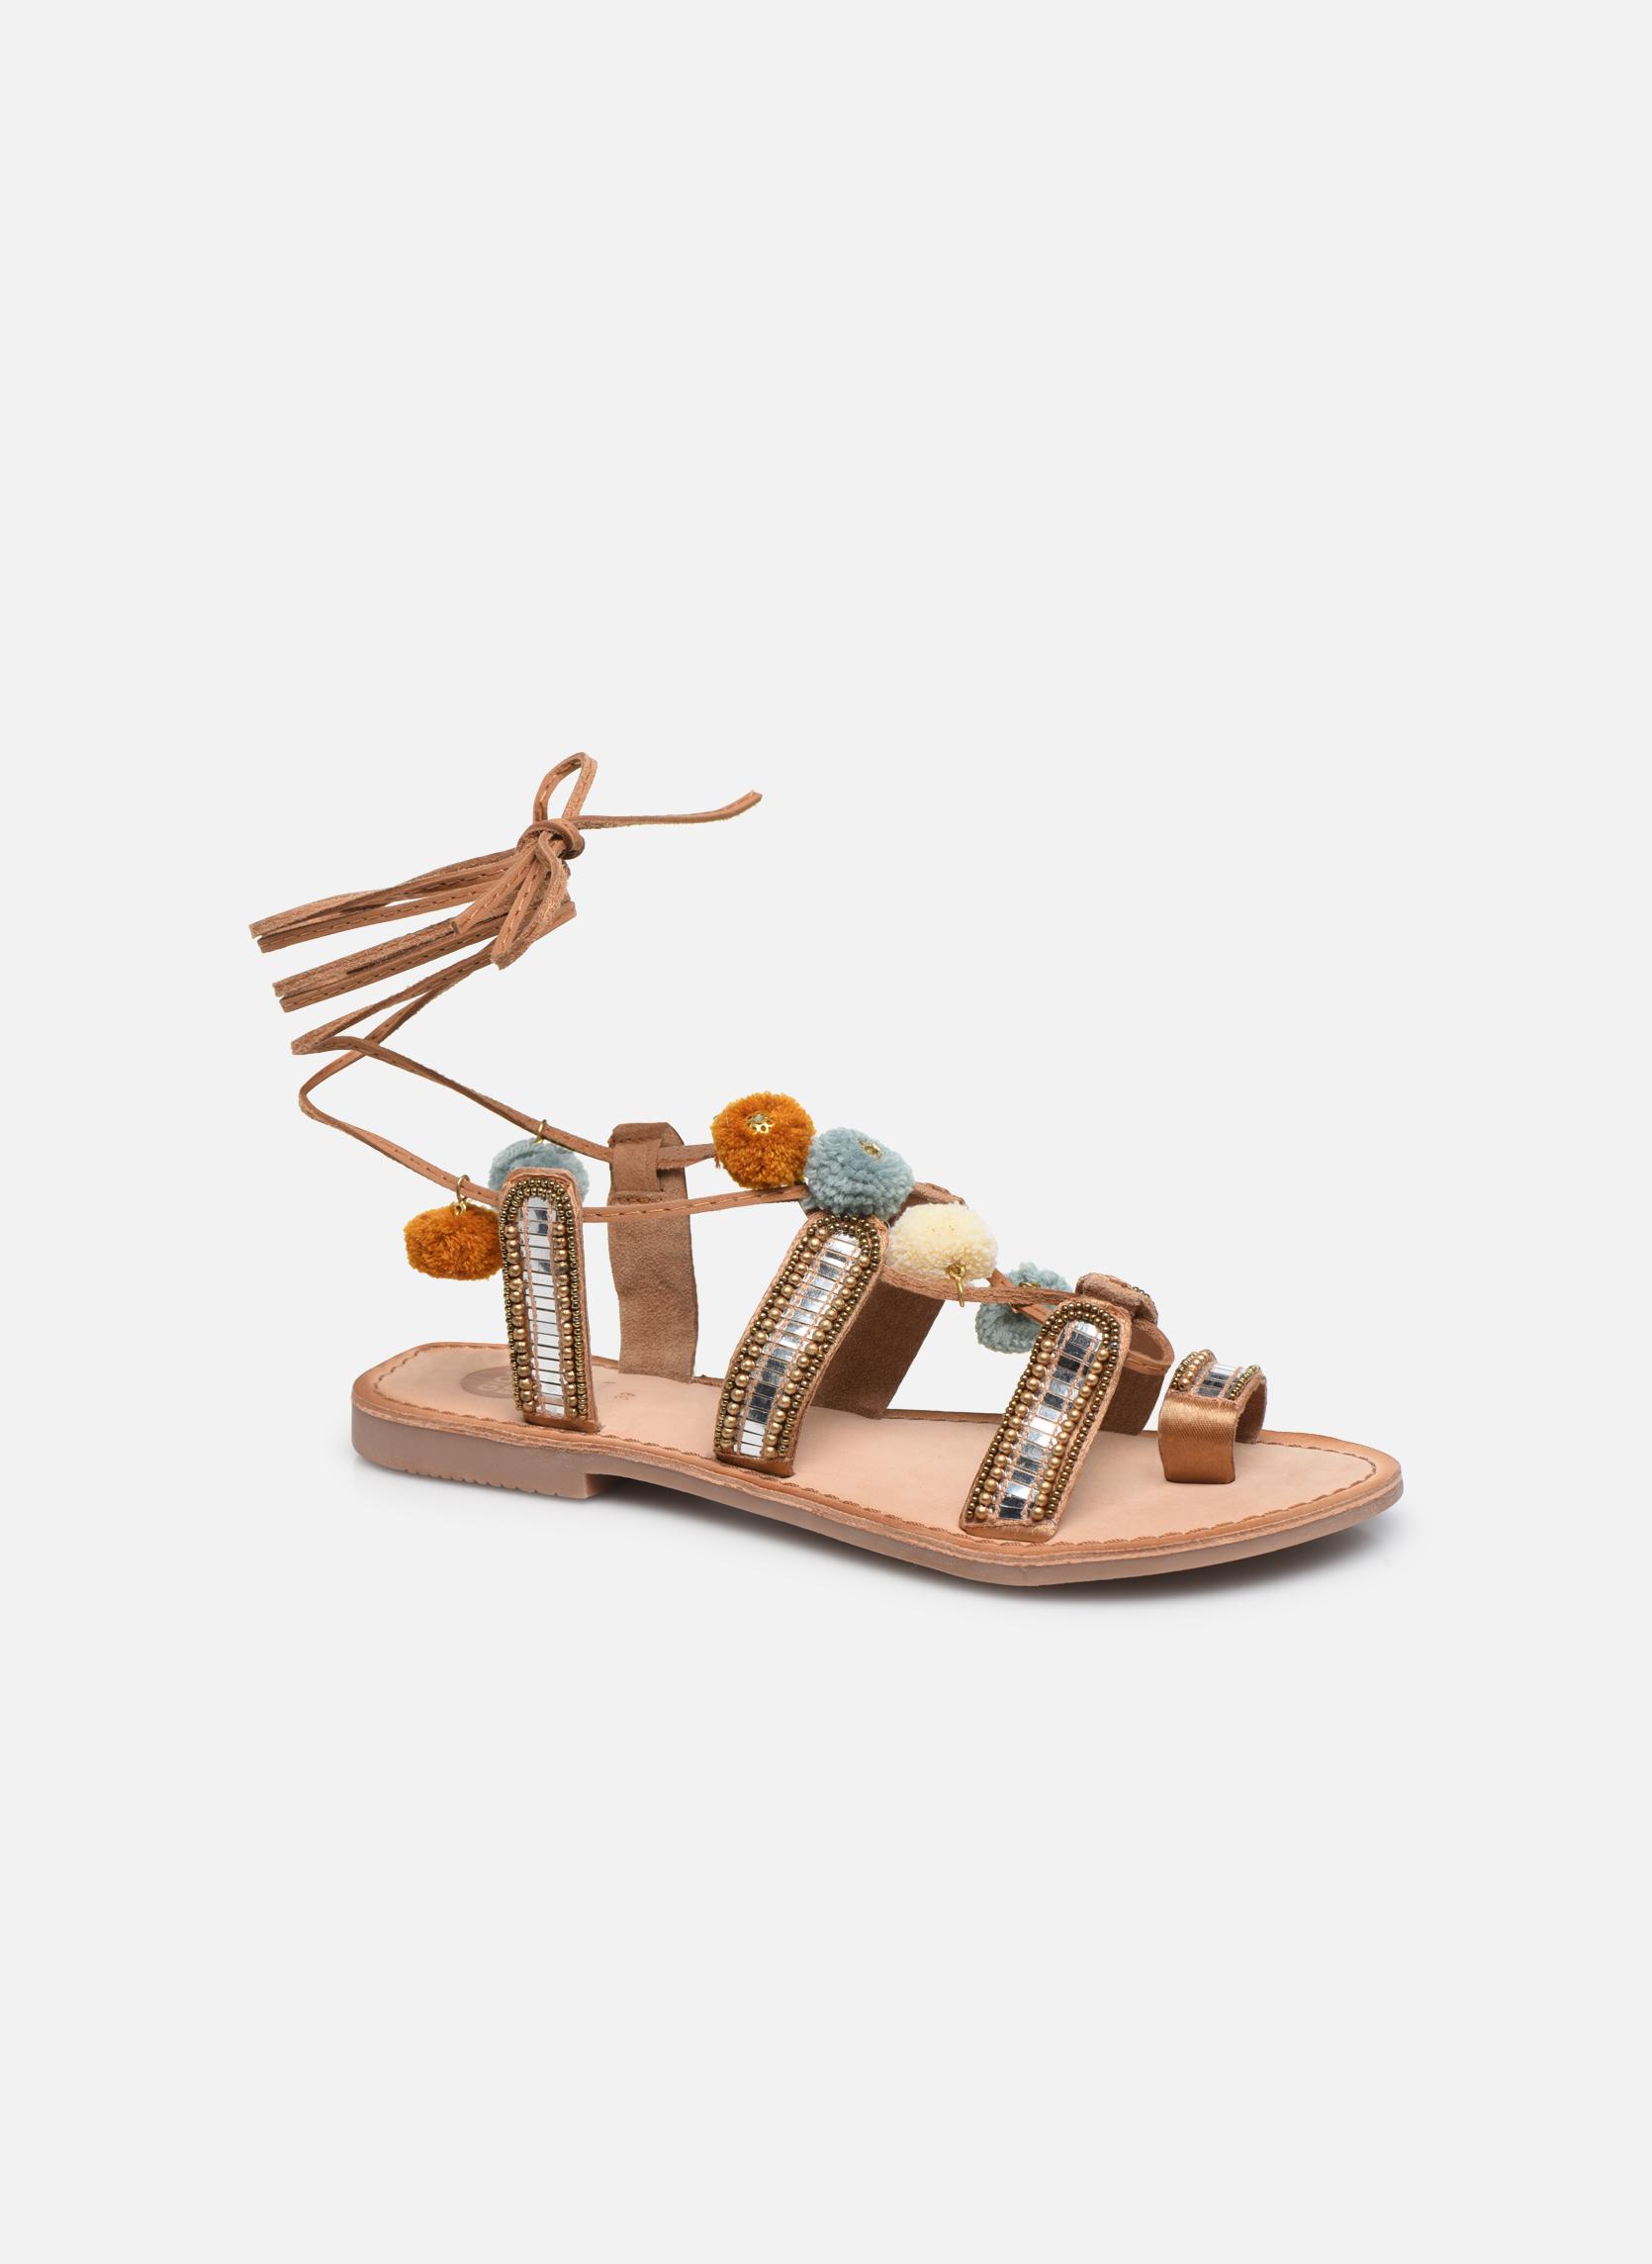 buy popular 774e6 62f2e Zapatos promocionales Gioseppo NAYELI (Oro y bronce) - Sandalias Venta de  liquidación de temporada